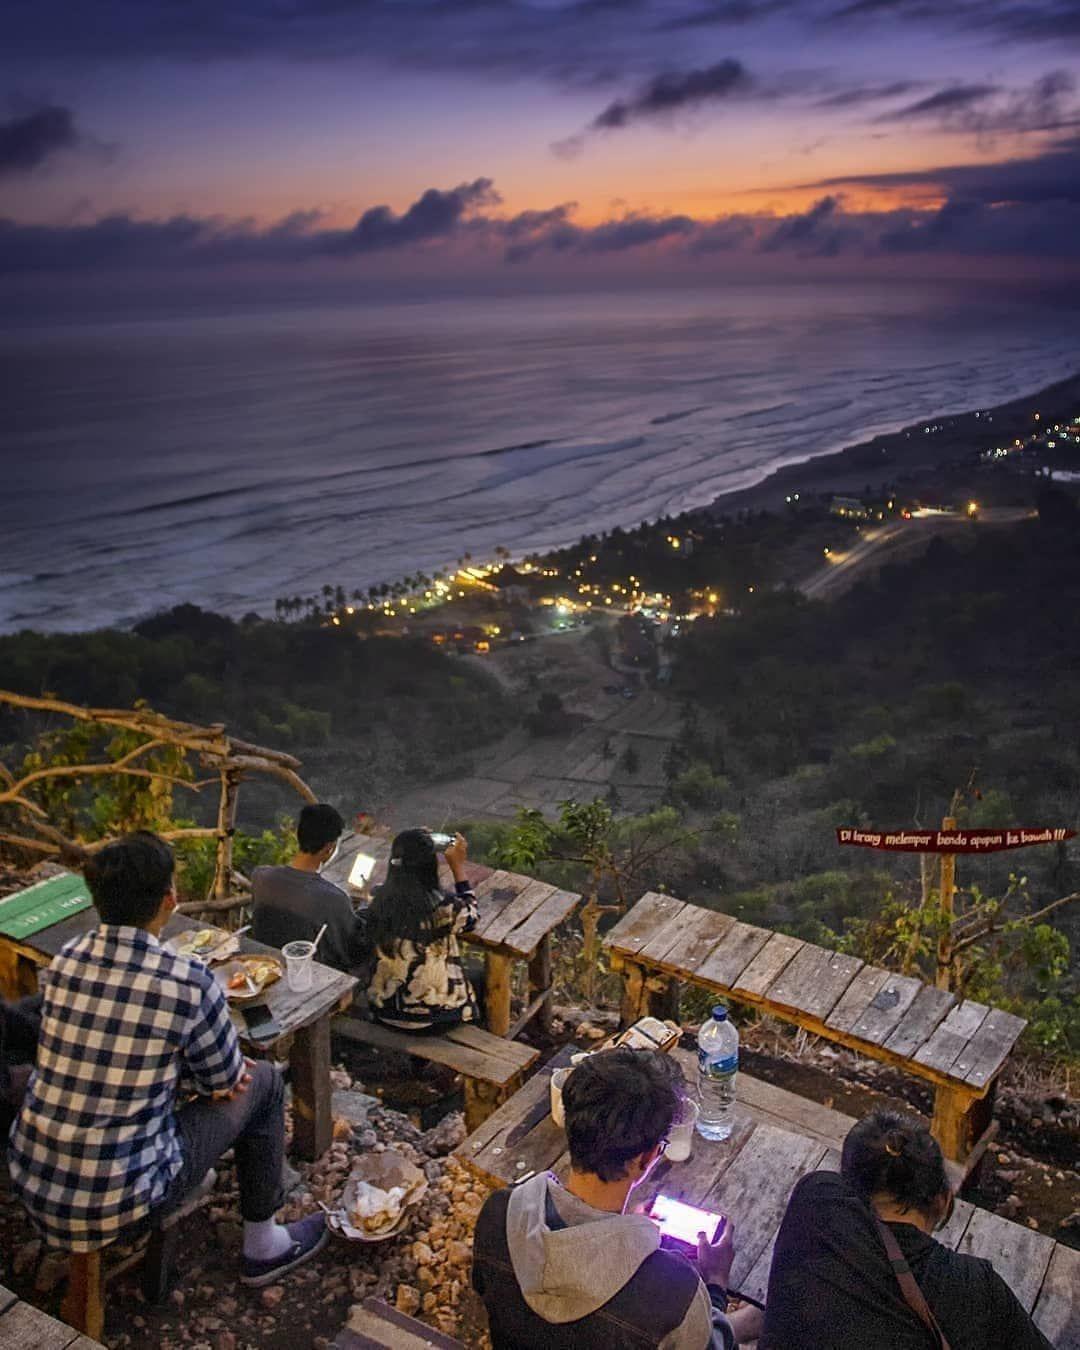 Paralayang Watugupit Gunung Kidul Yogyakarta Indonesia Bukit Yang Pernah Dipakai Untuk Acara Paralayang Bertaraf Na Foto Wisata Pemandangan Bepergian